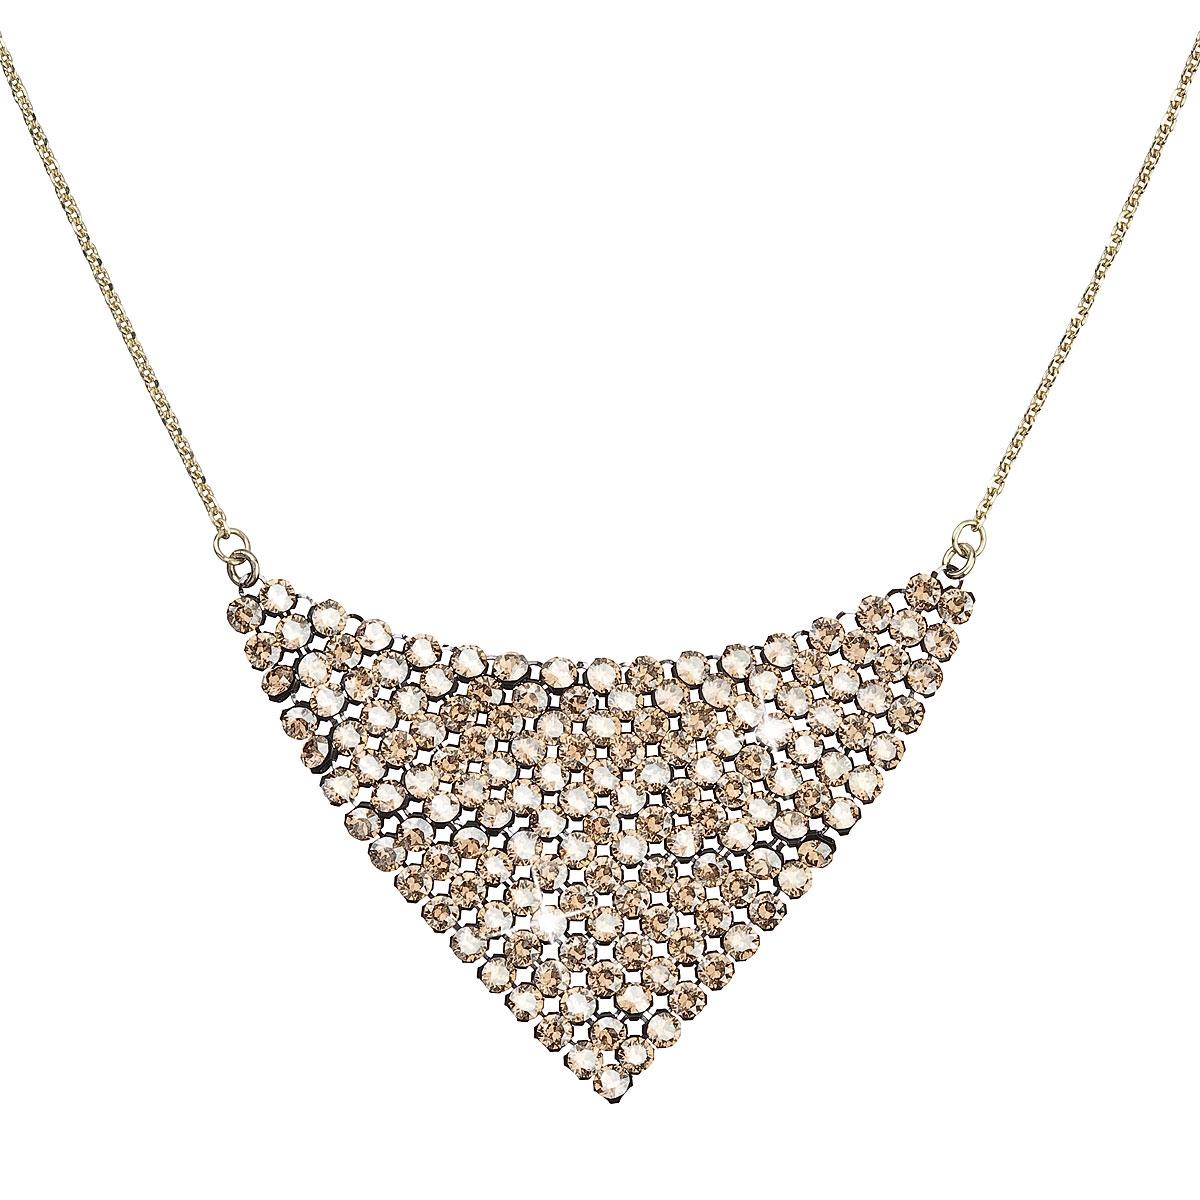 Pozlátený strieborný náhrdelník s kryštálmi Crystals from Swarovski ®